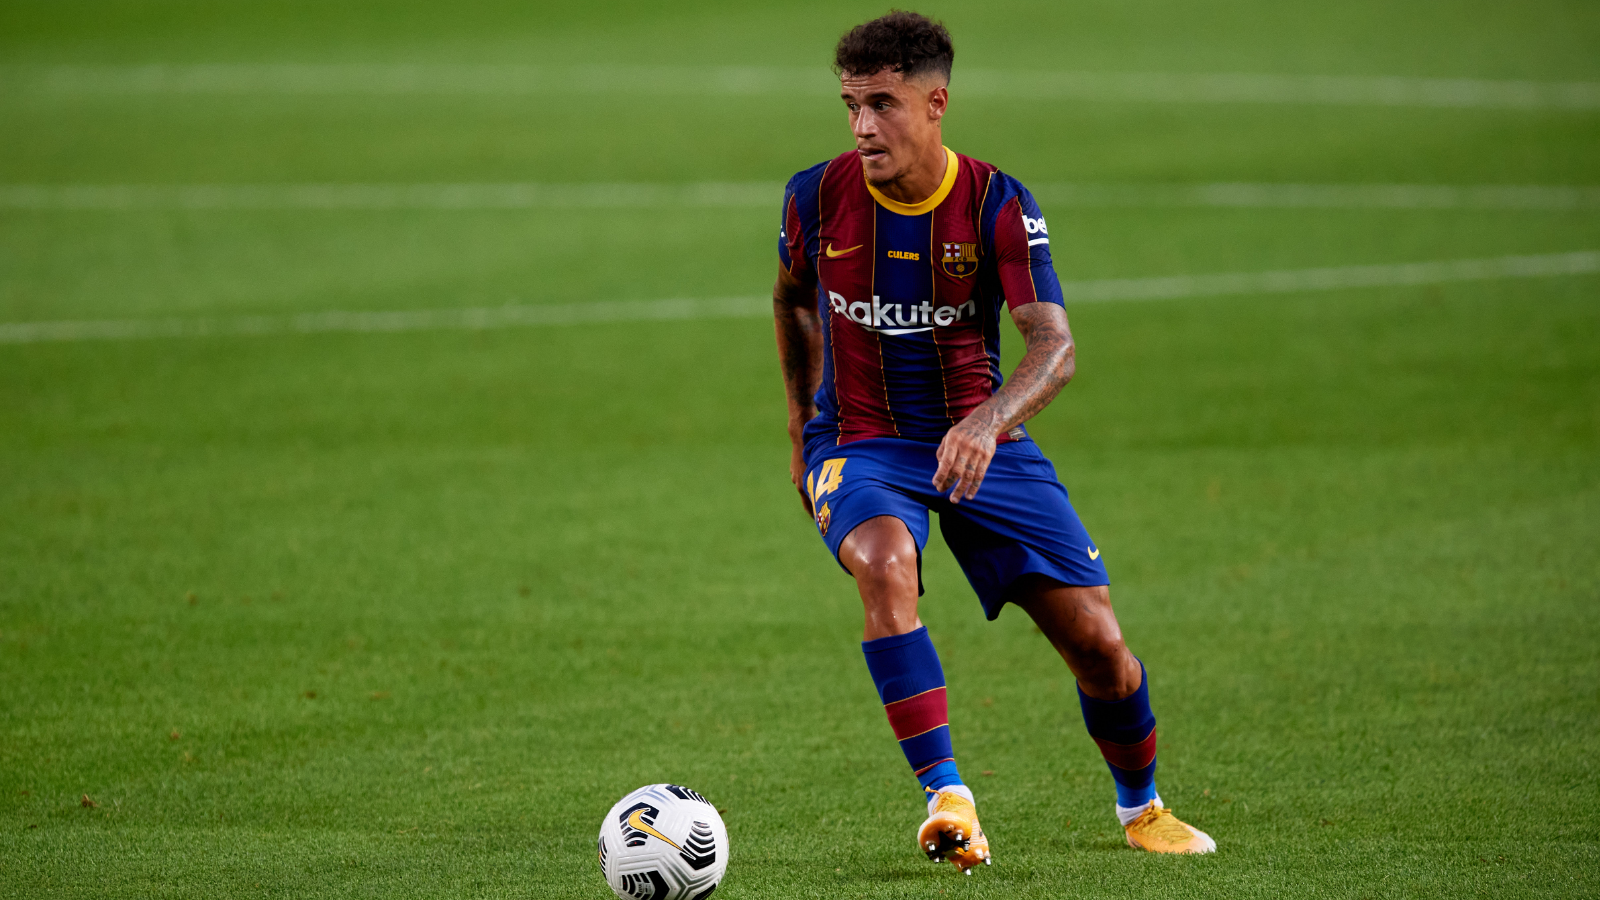 Coutinho, lesionado: Qué dolencia tiene, cuánto tiempo estará de baja y qué  partidos se perdería con el Barcelona | Goal.com